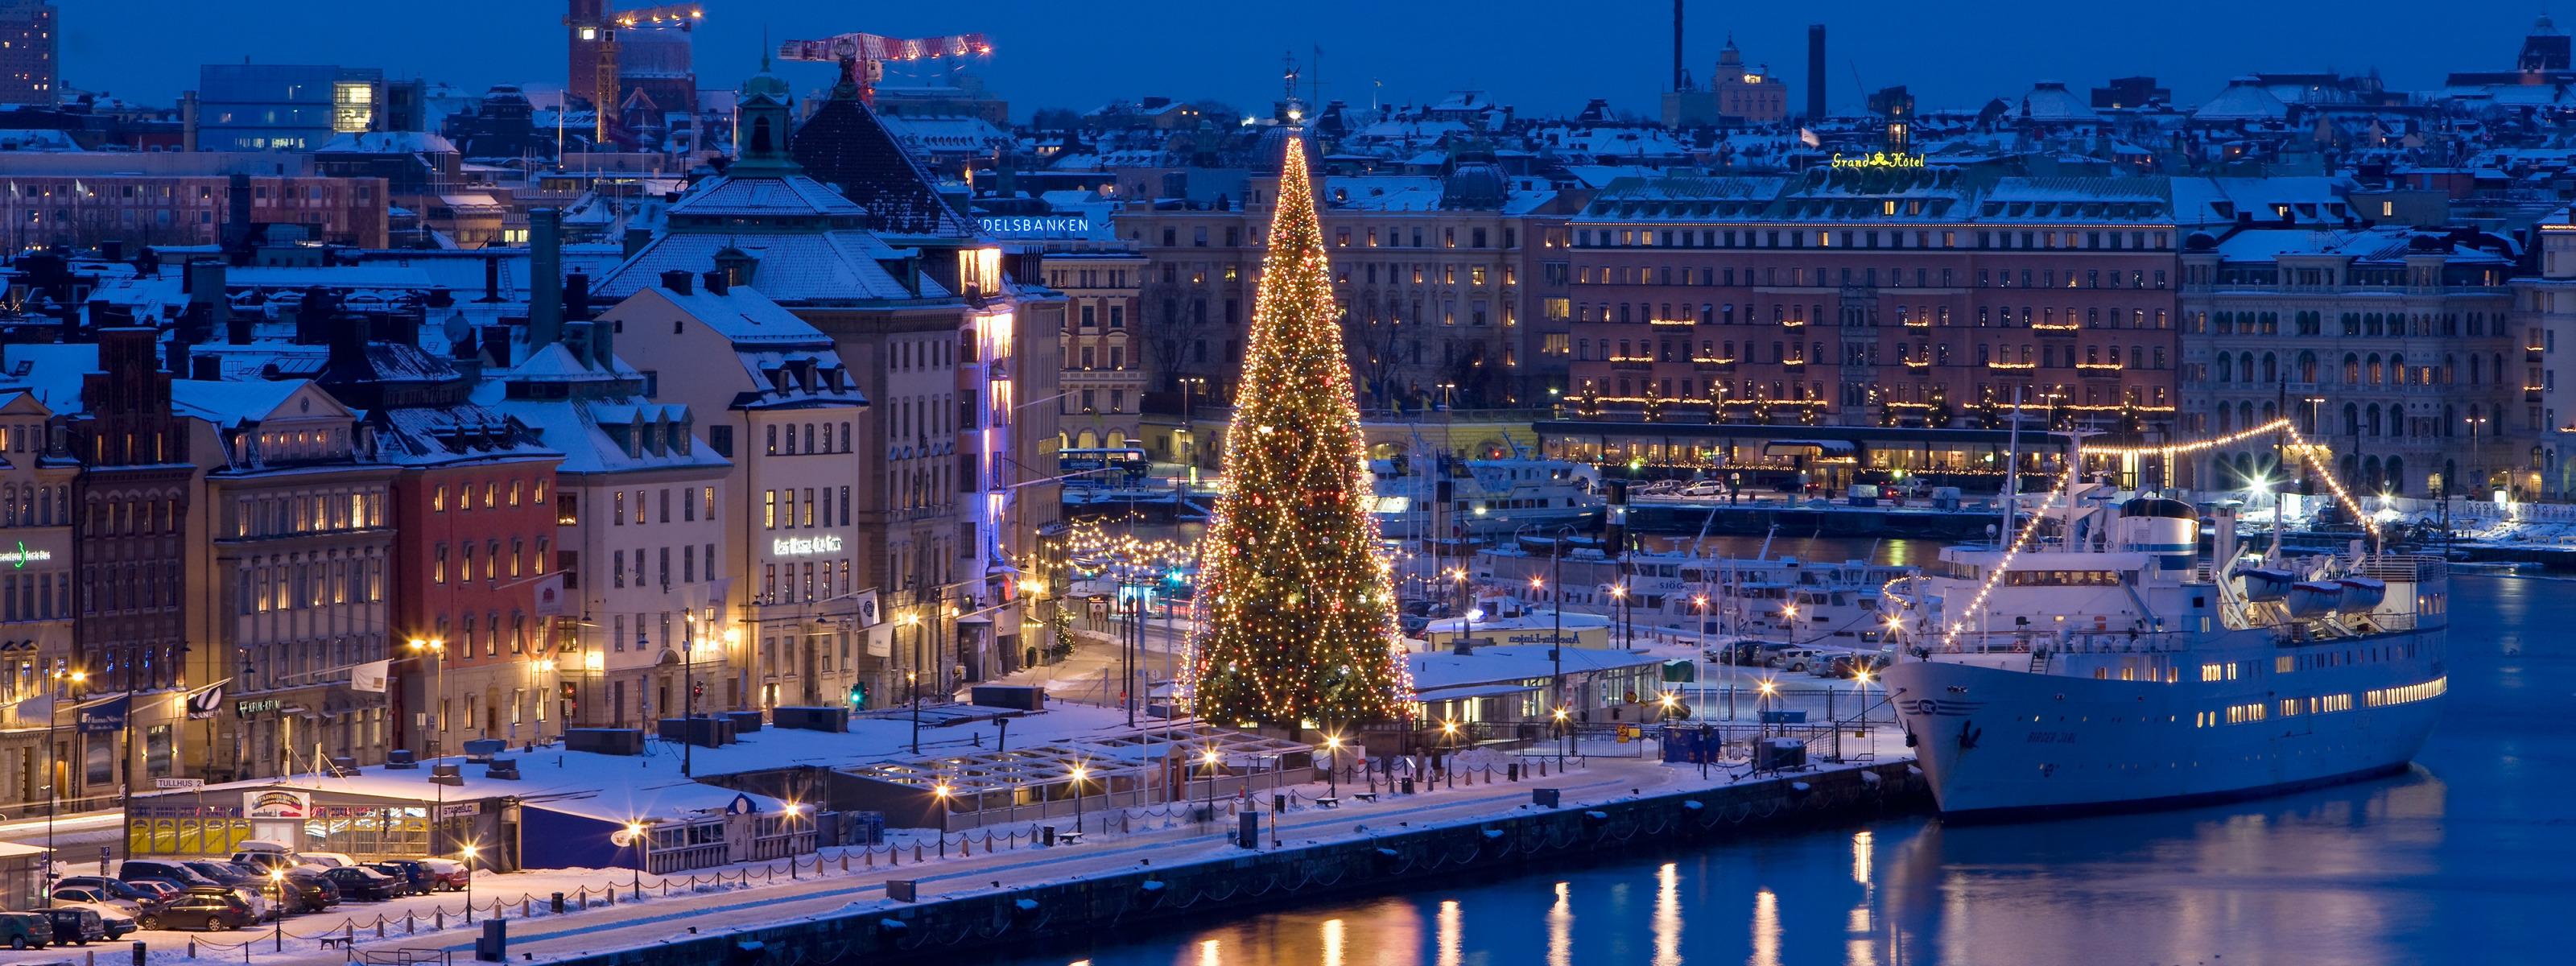 знают, что туры в скандинавию на новый год фото сводя концы концами